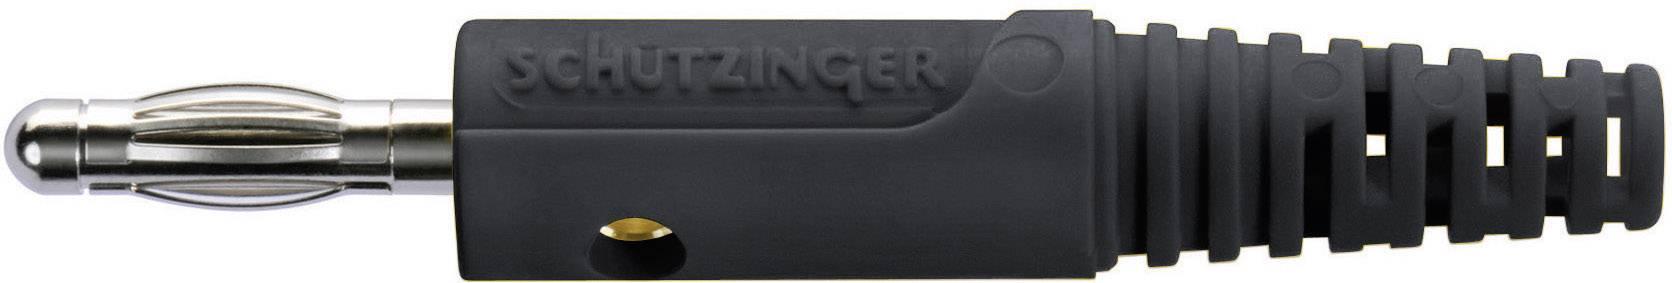 Lamelová zástrčka Schützinger FK 8 S / SW – zástrčka, rovná, Ø hrotu: 4 mm, čierna, 1 ks